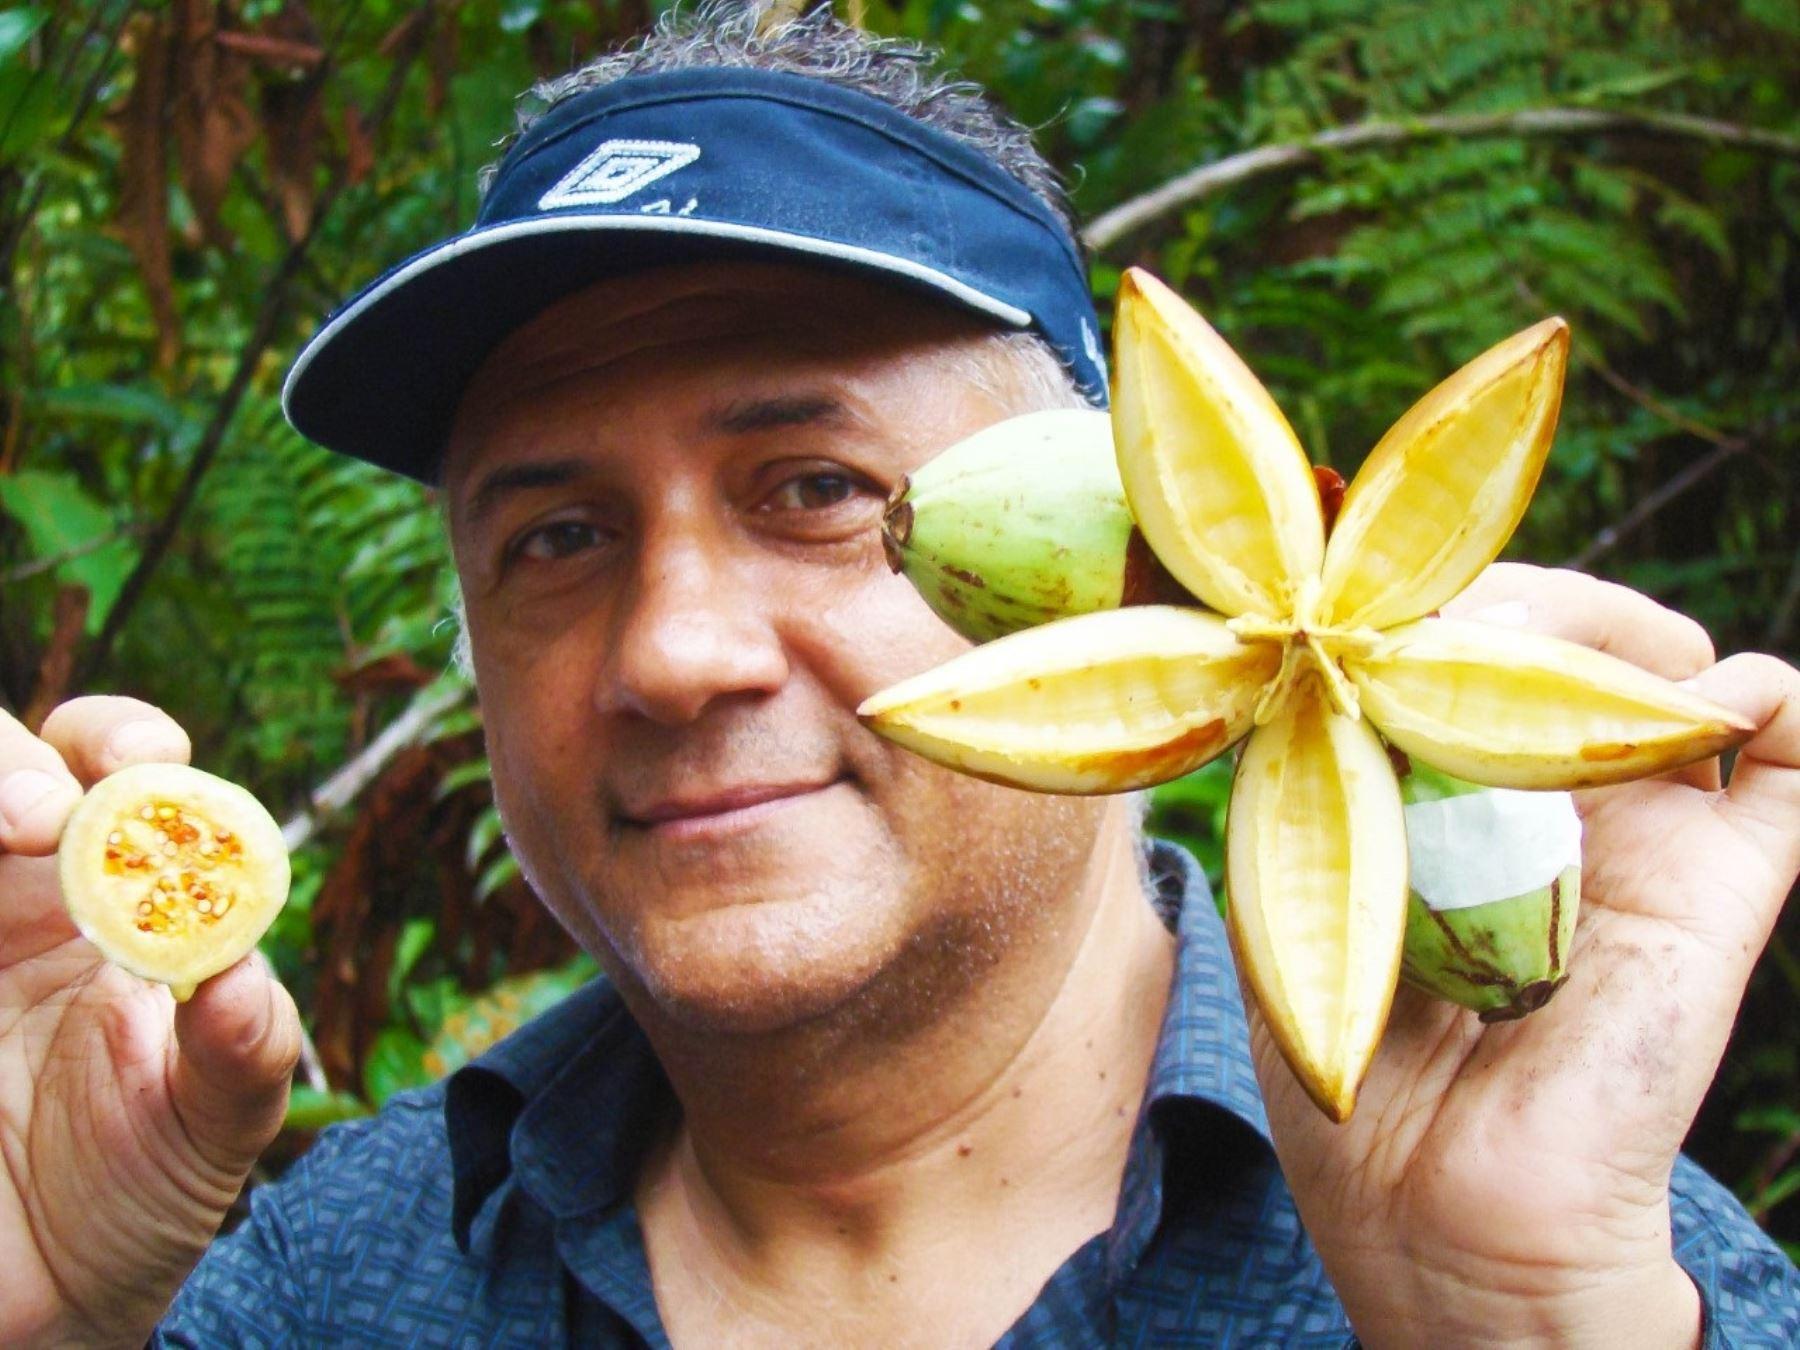 El Serfor firmó un convenio con la ONG Aprodes que autoriza la Investigación de diversas especies de la flora silvestre de Perú, como la Clusia Multiflora (Clusiaceae) para identificar fármacos naturales. Foto: Cortesía Aprodes